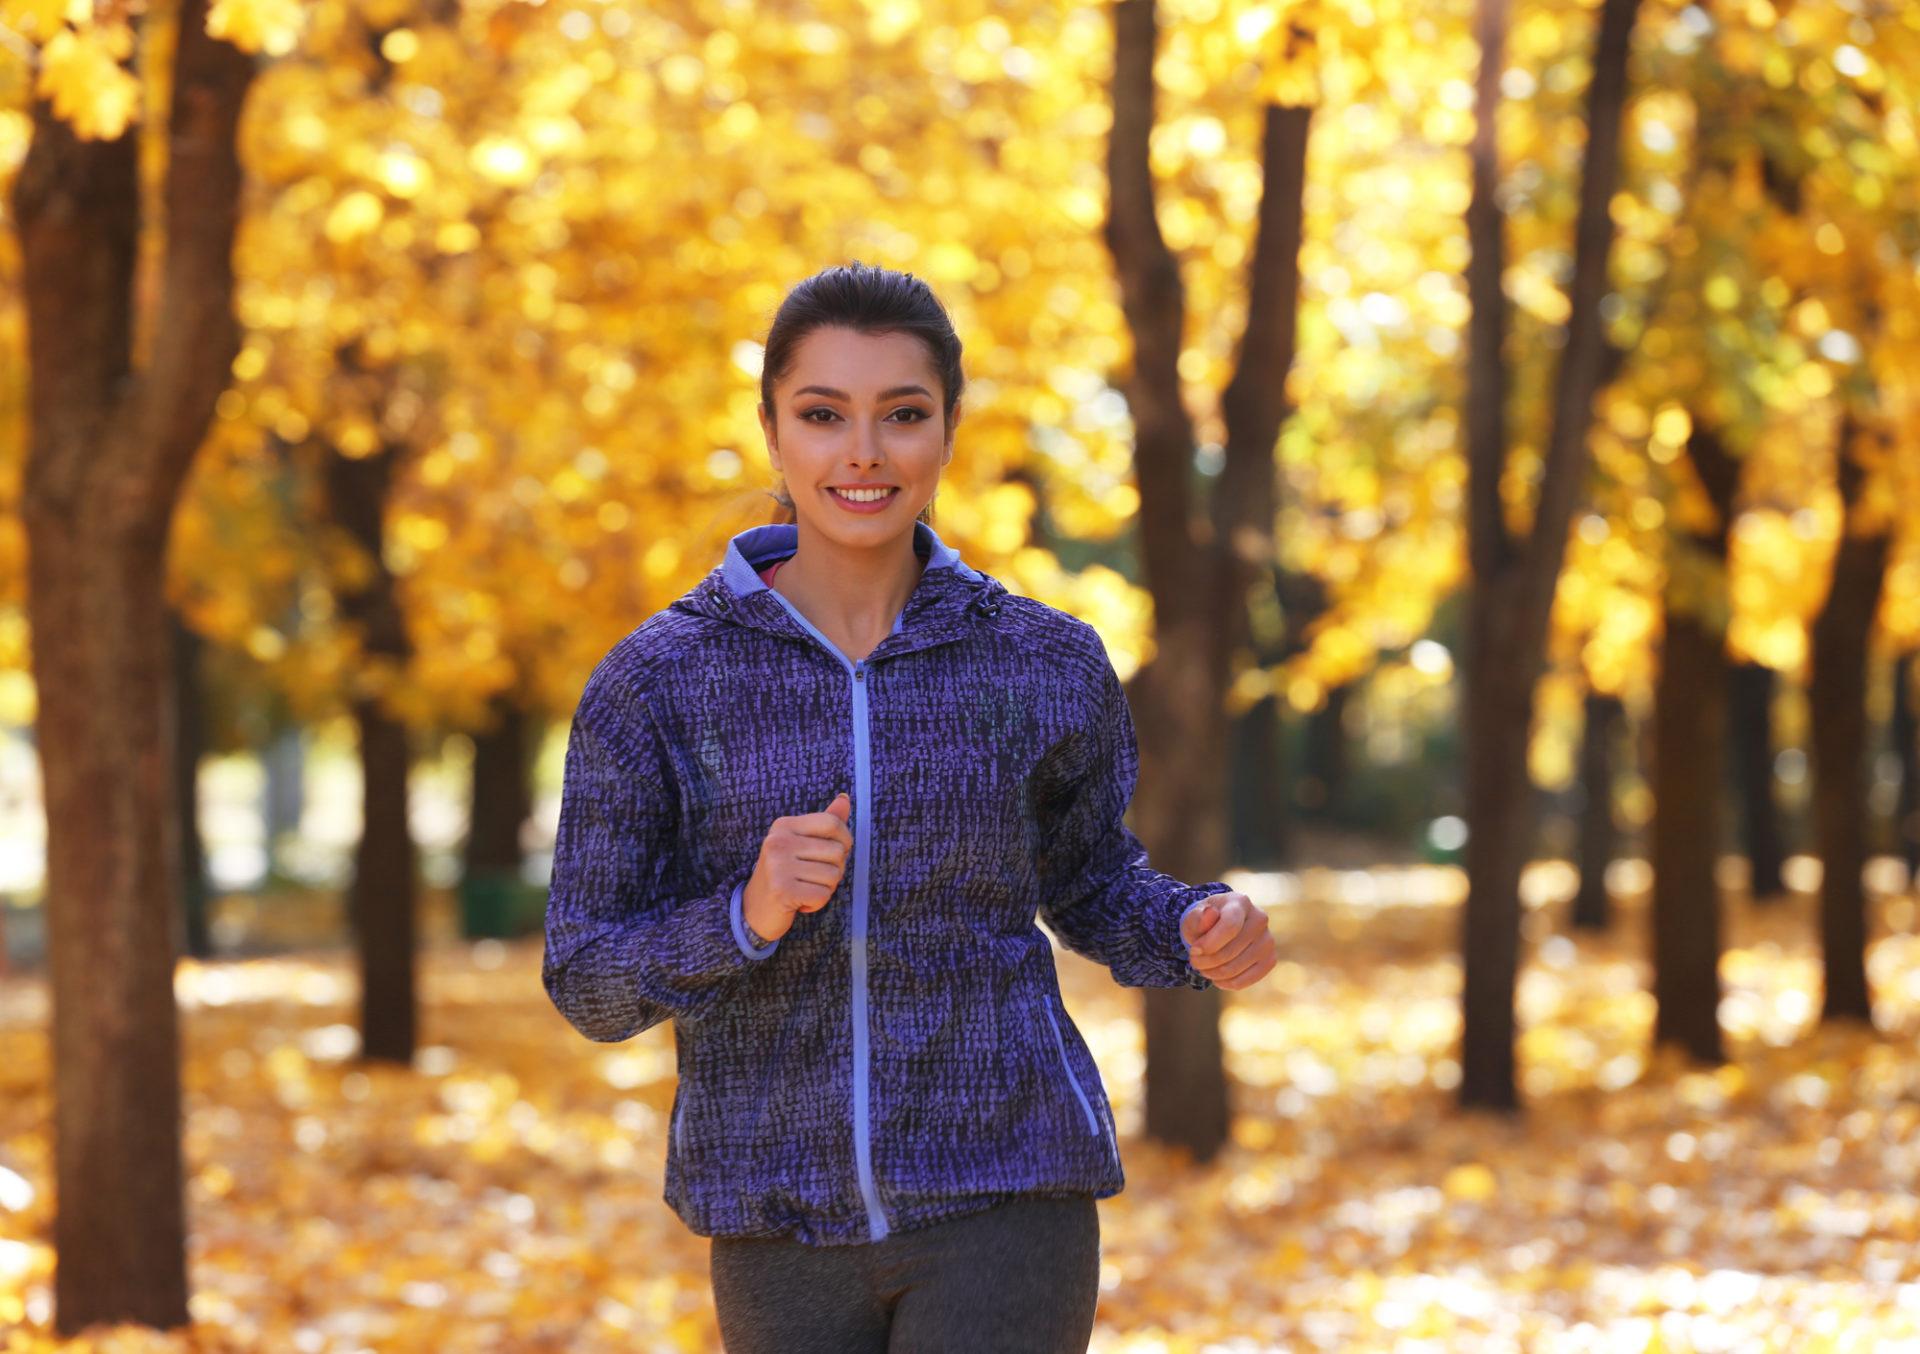 Roupas para se exercitar no frio